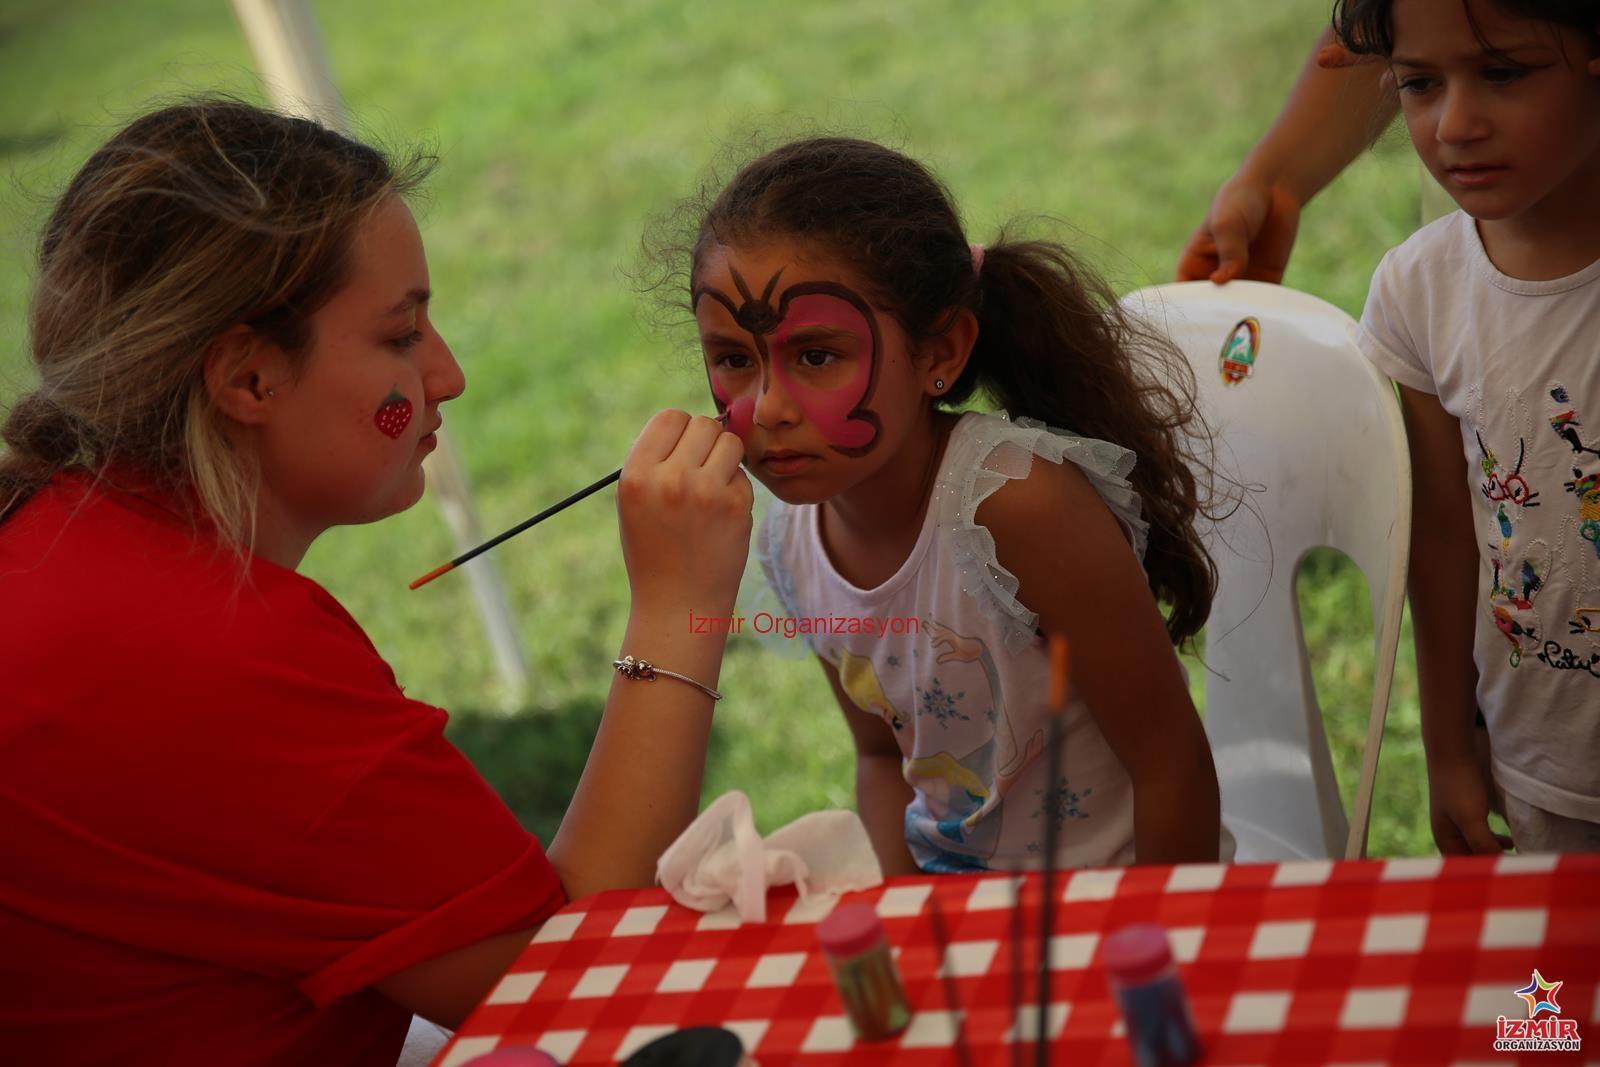 Yüz Boyama Etkinliği Ve Kelebek Yüz Boyama Izmir Izmir Organizasyon